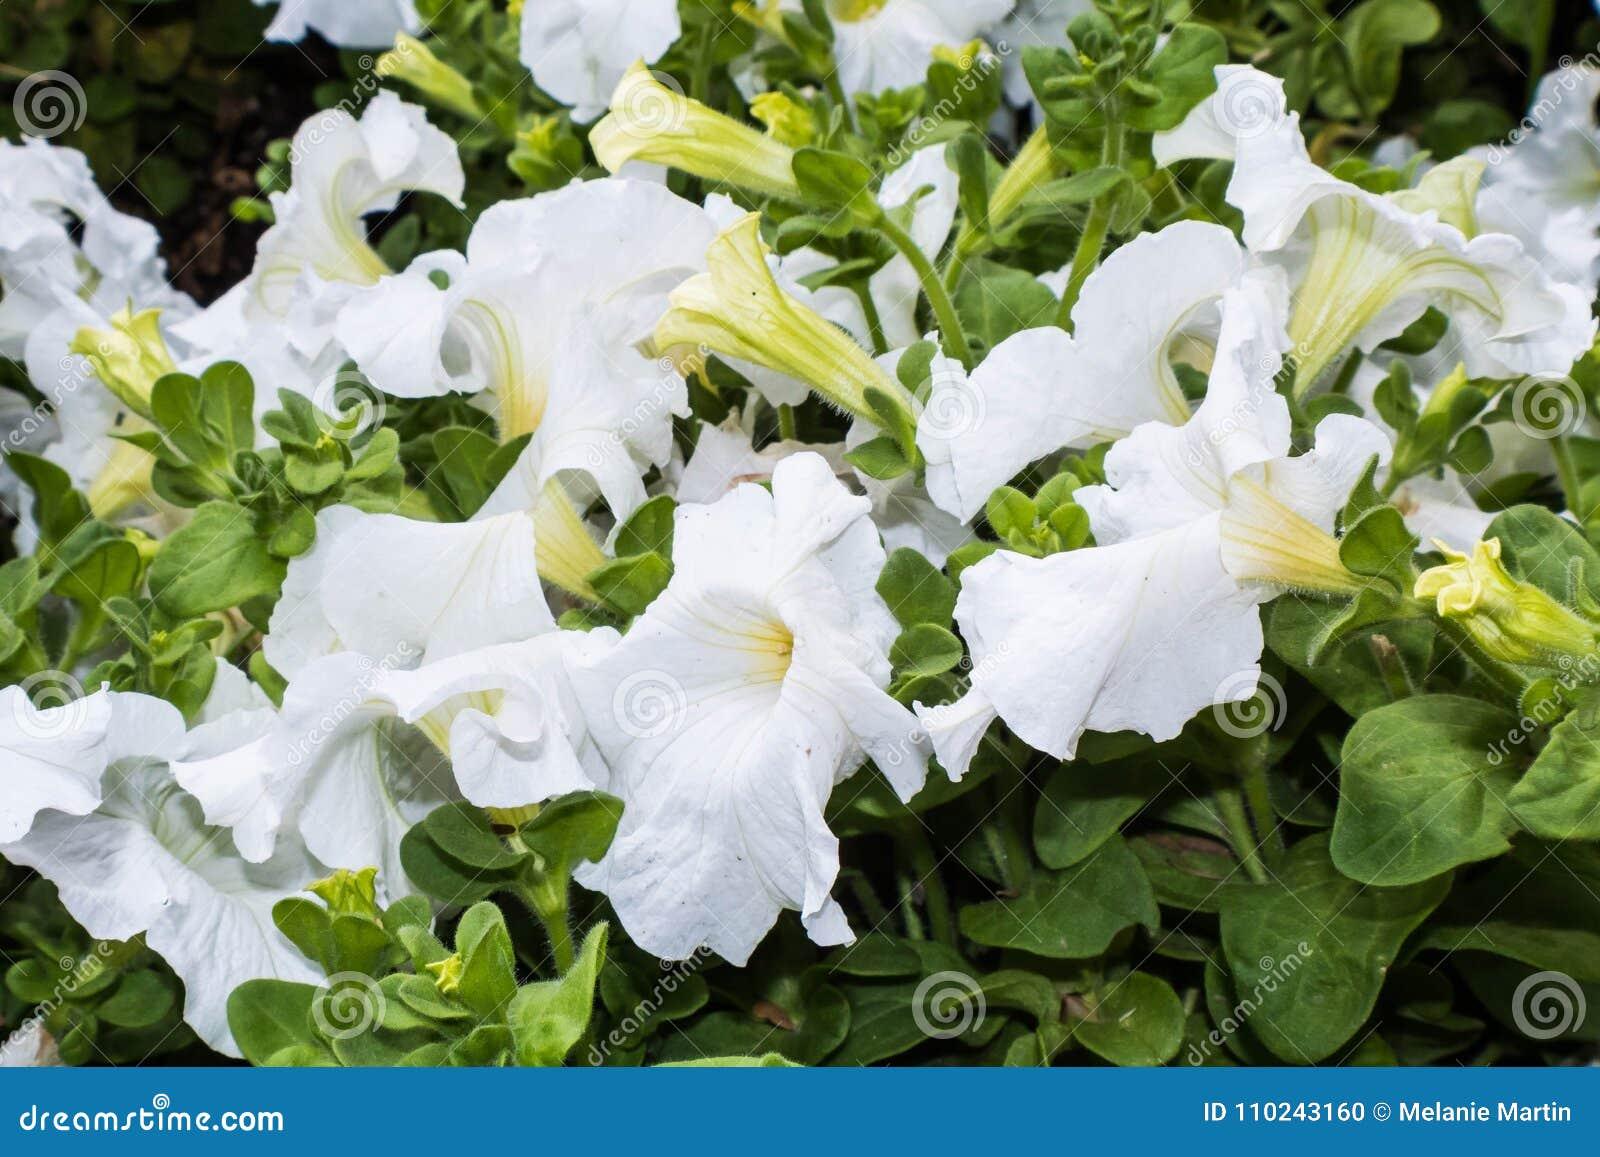 Jaskrawi biali tubowi kwiaty z zielonymi liśćmi